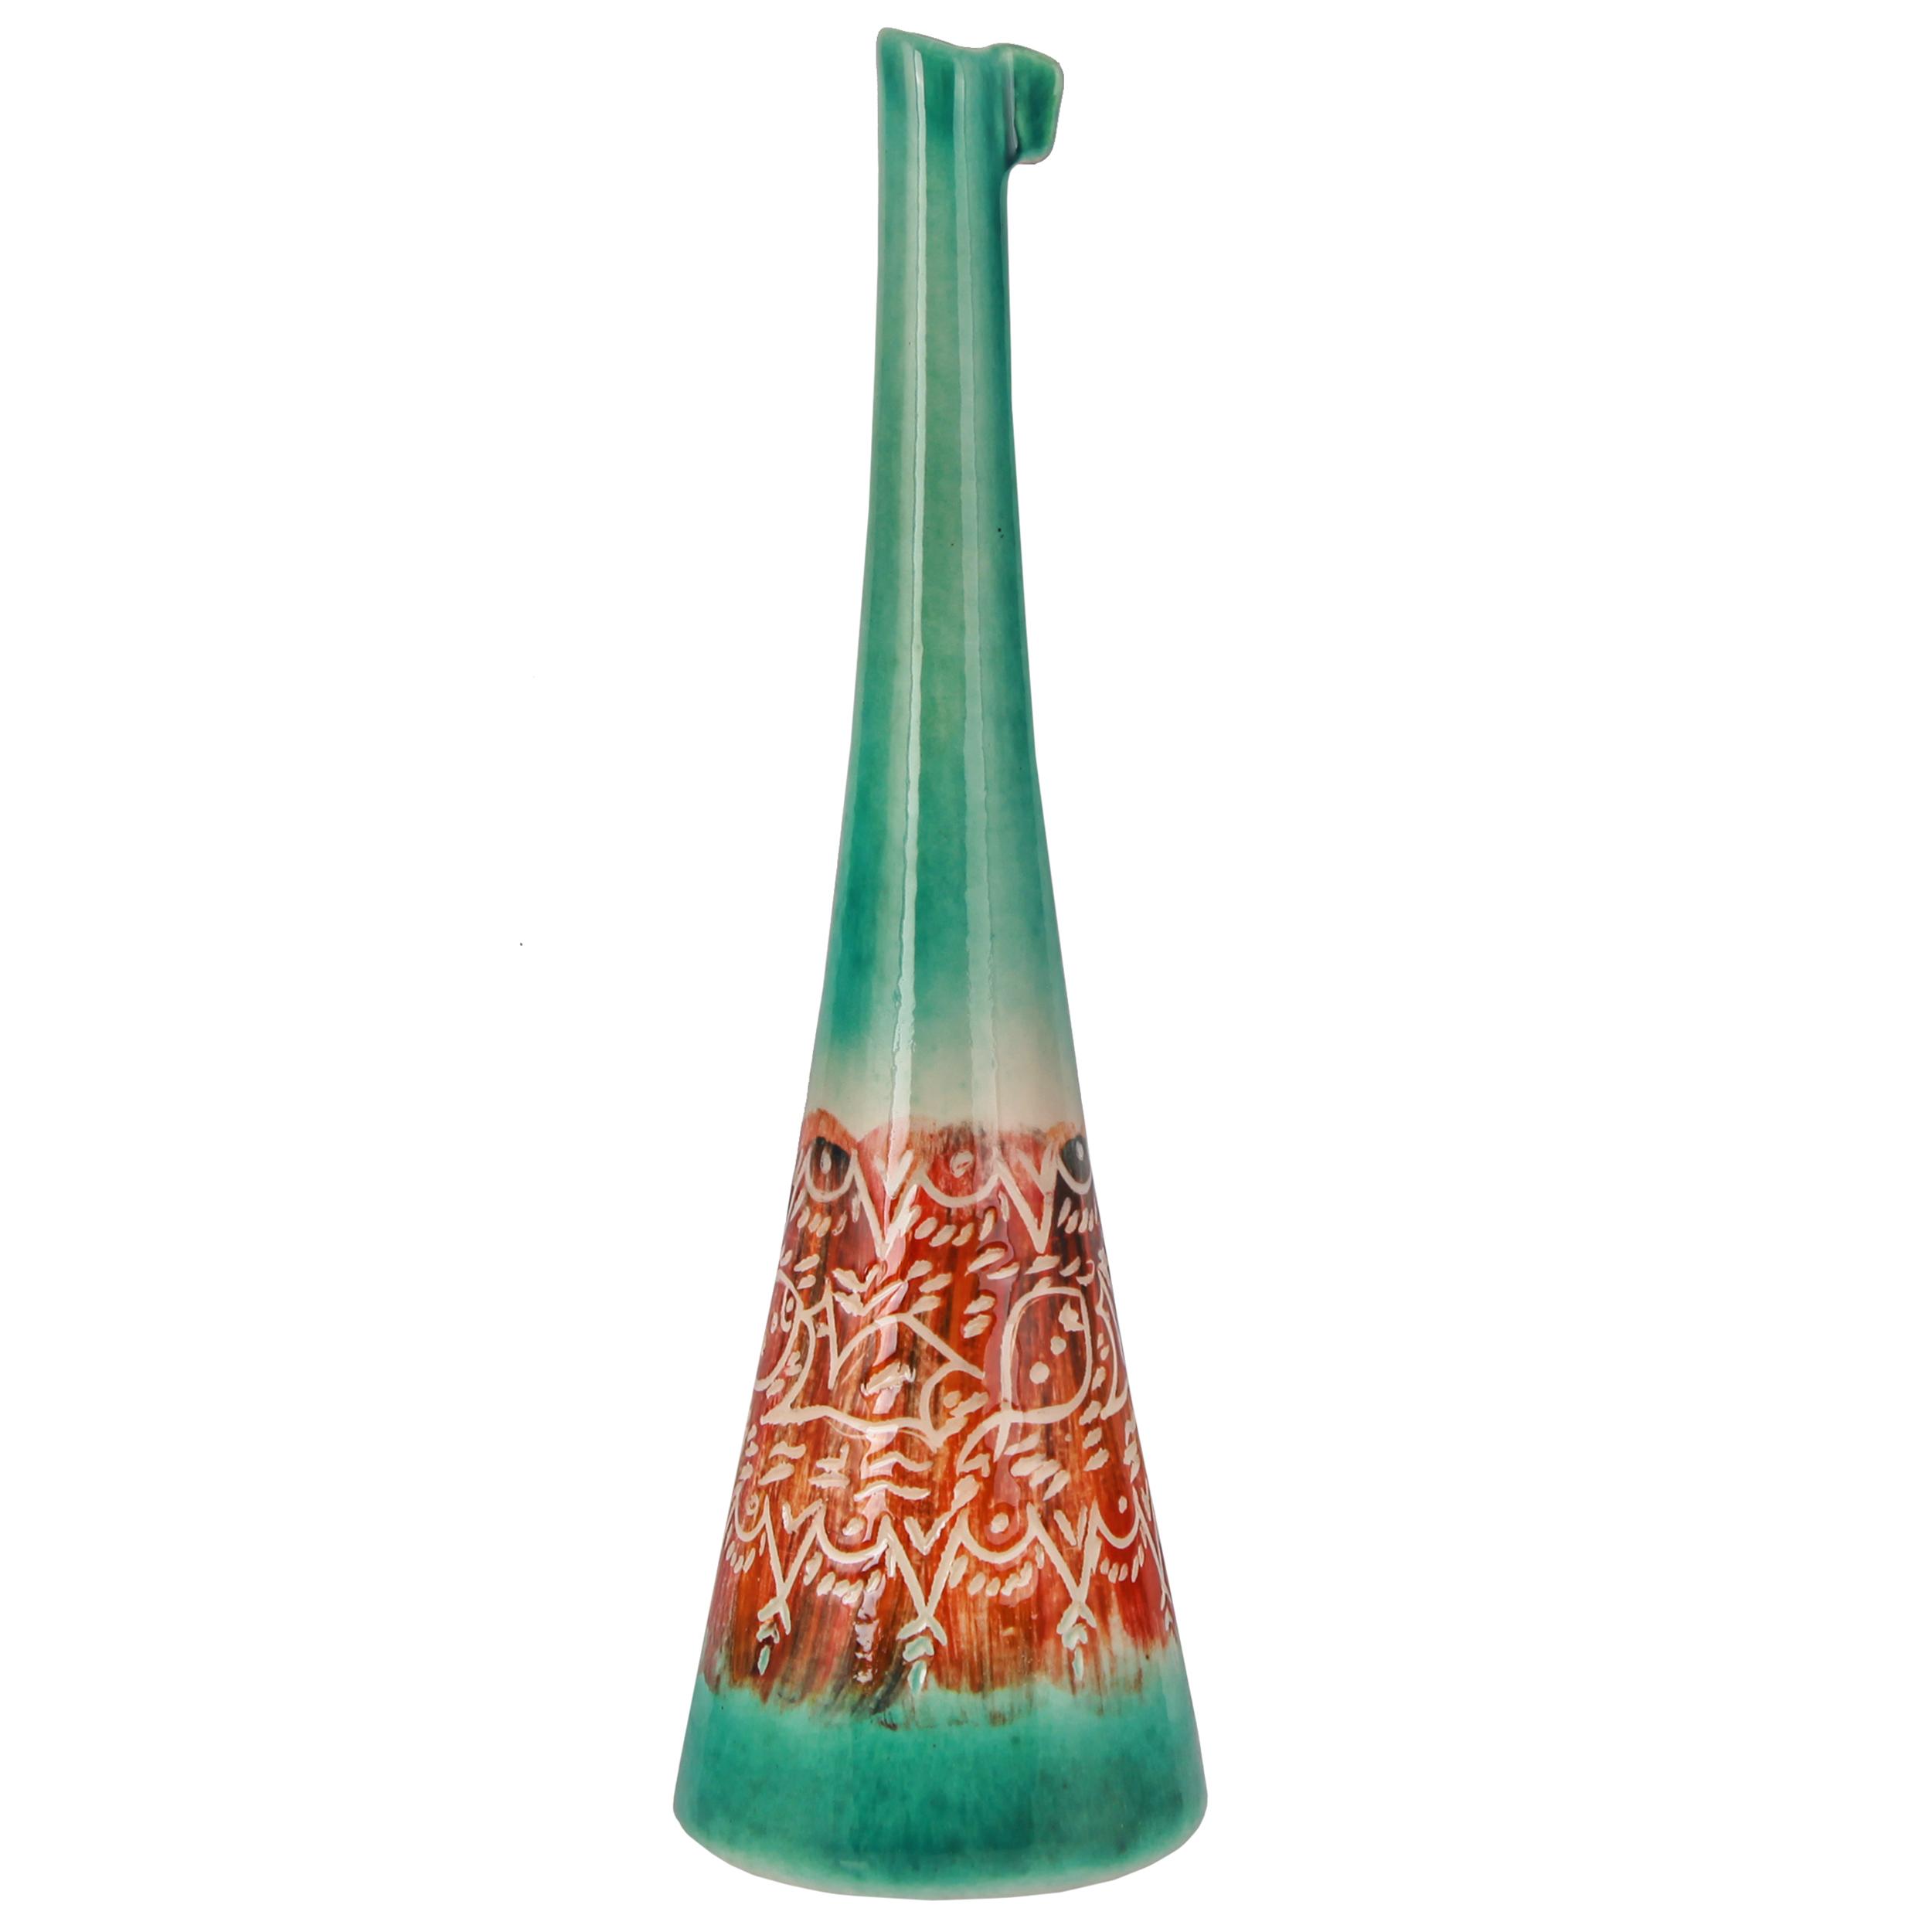 گلدان سرامیکی فرتاش طرح تاش قلم کد 171146